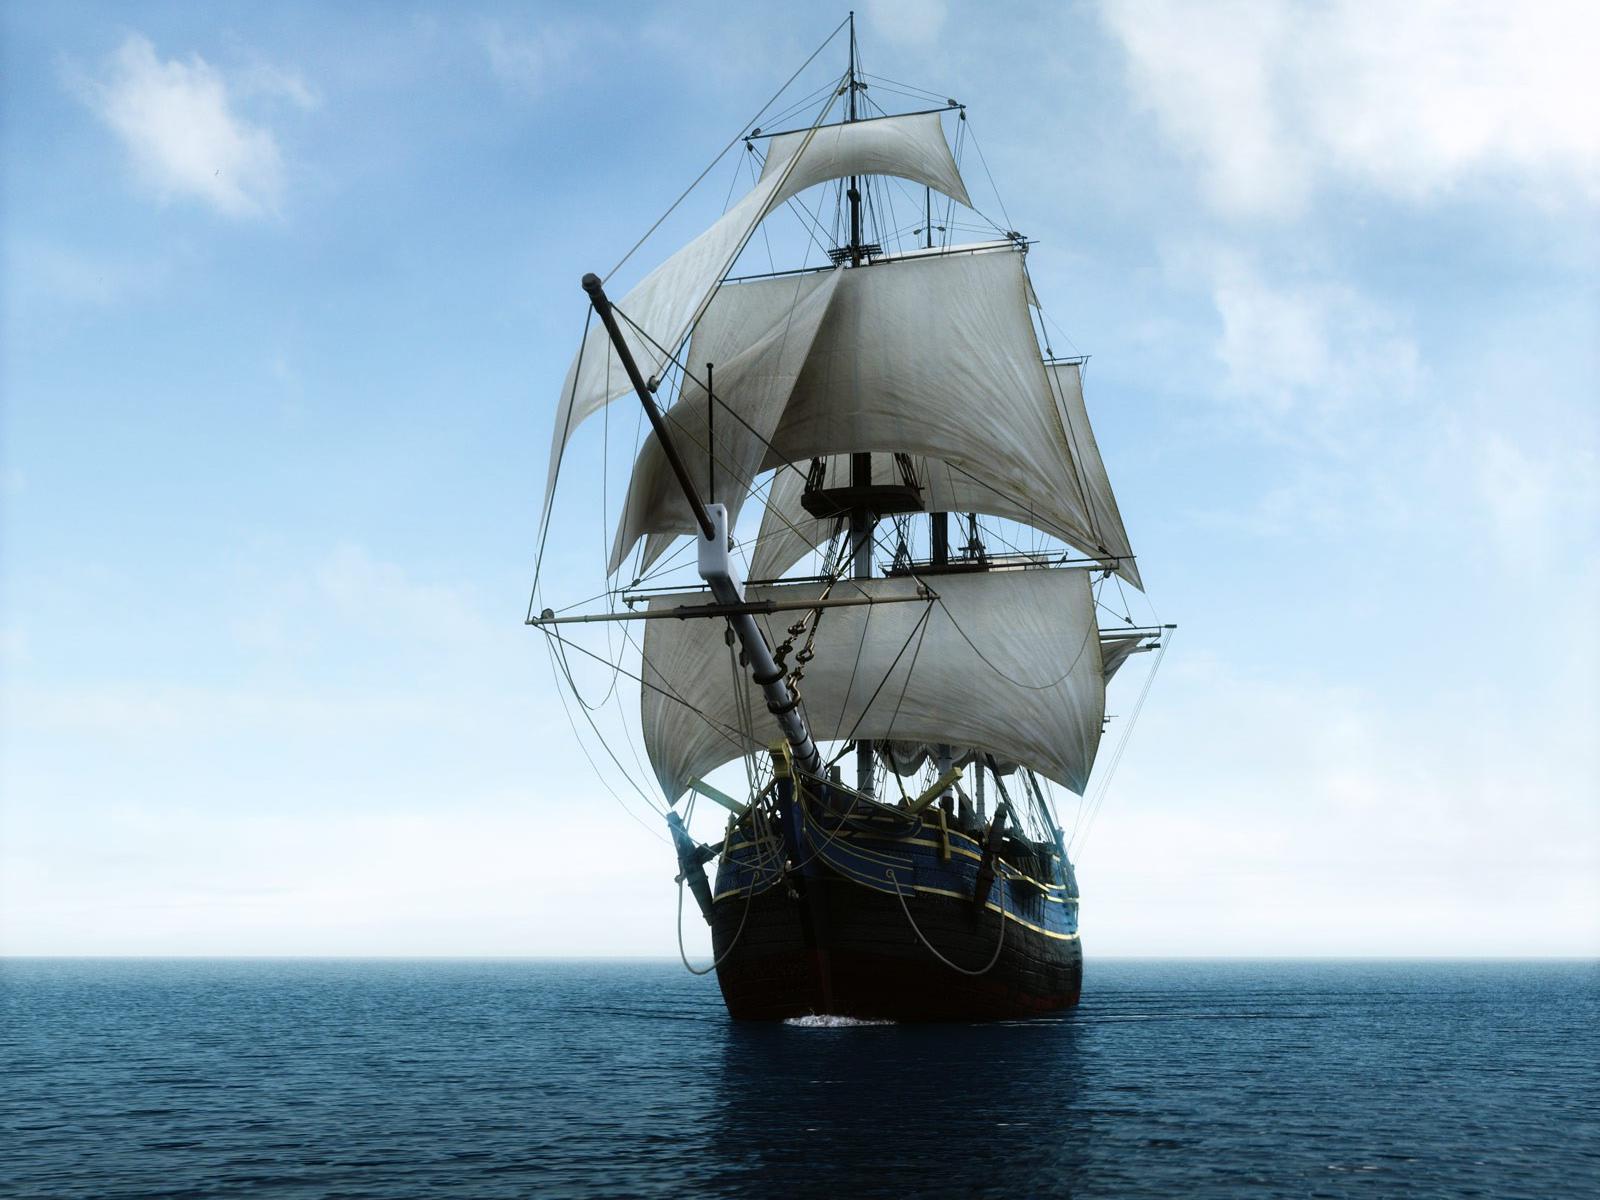 http://1.bp.blogspot.com/-CCZqtrtMjCk/TYIOg_-hKNI/AAAAAAAAATc/wq6d9ZRCVp0/s1600/ship-wallpaper1.jpeg